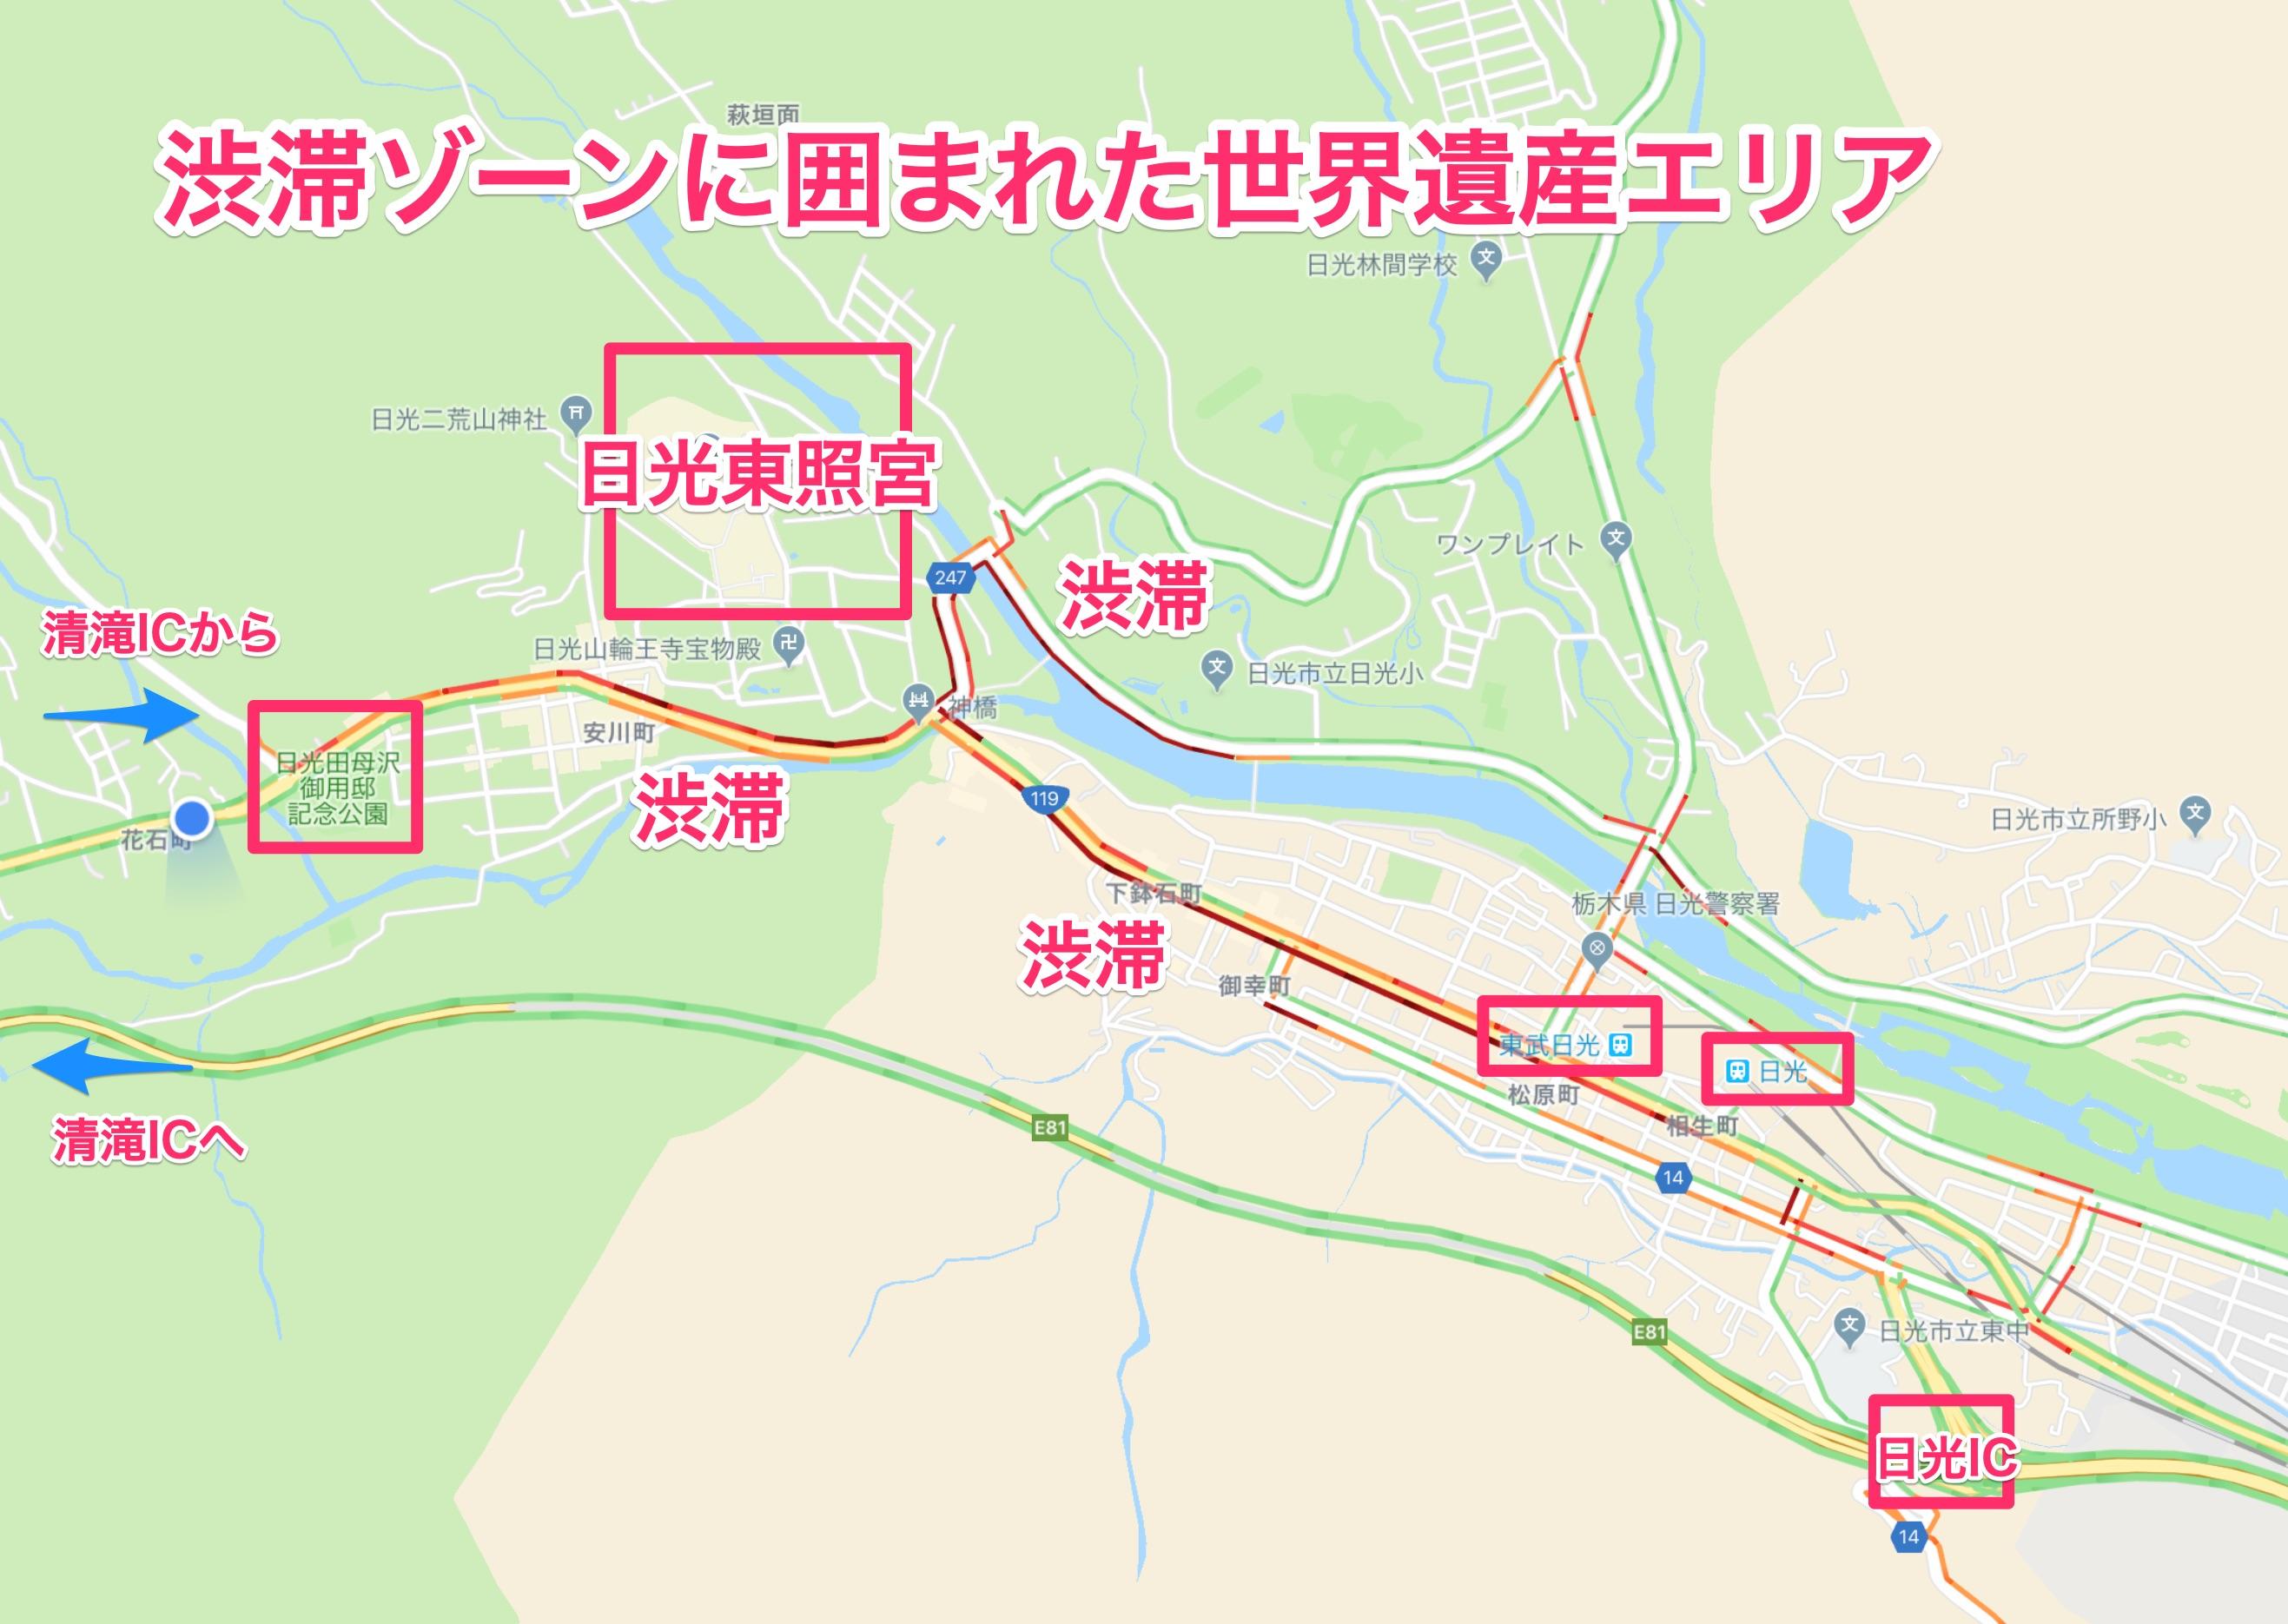 【日光東照宮 ハイシーズン渋滞対策 マイカー編】ちょっと遠めに駐車して歩くのがオススメ